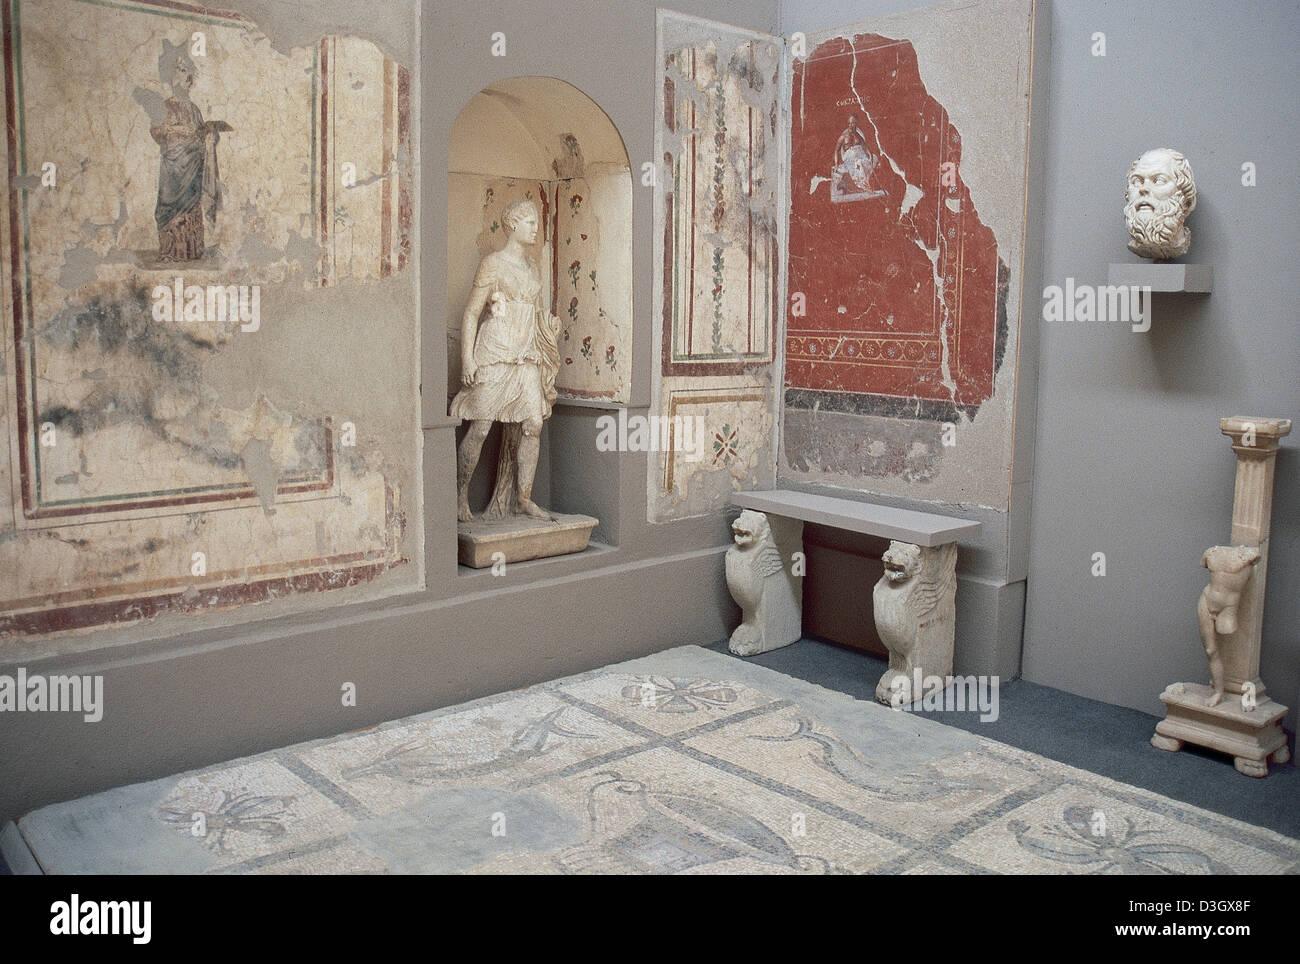 Wiederaufbau des Hauses des Sokrates (469-399 v. Chr.), griechischer Philosoph. Ephesus Museum. Selcuk. Turkei. Stockbild